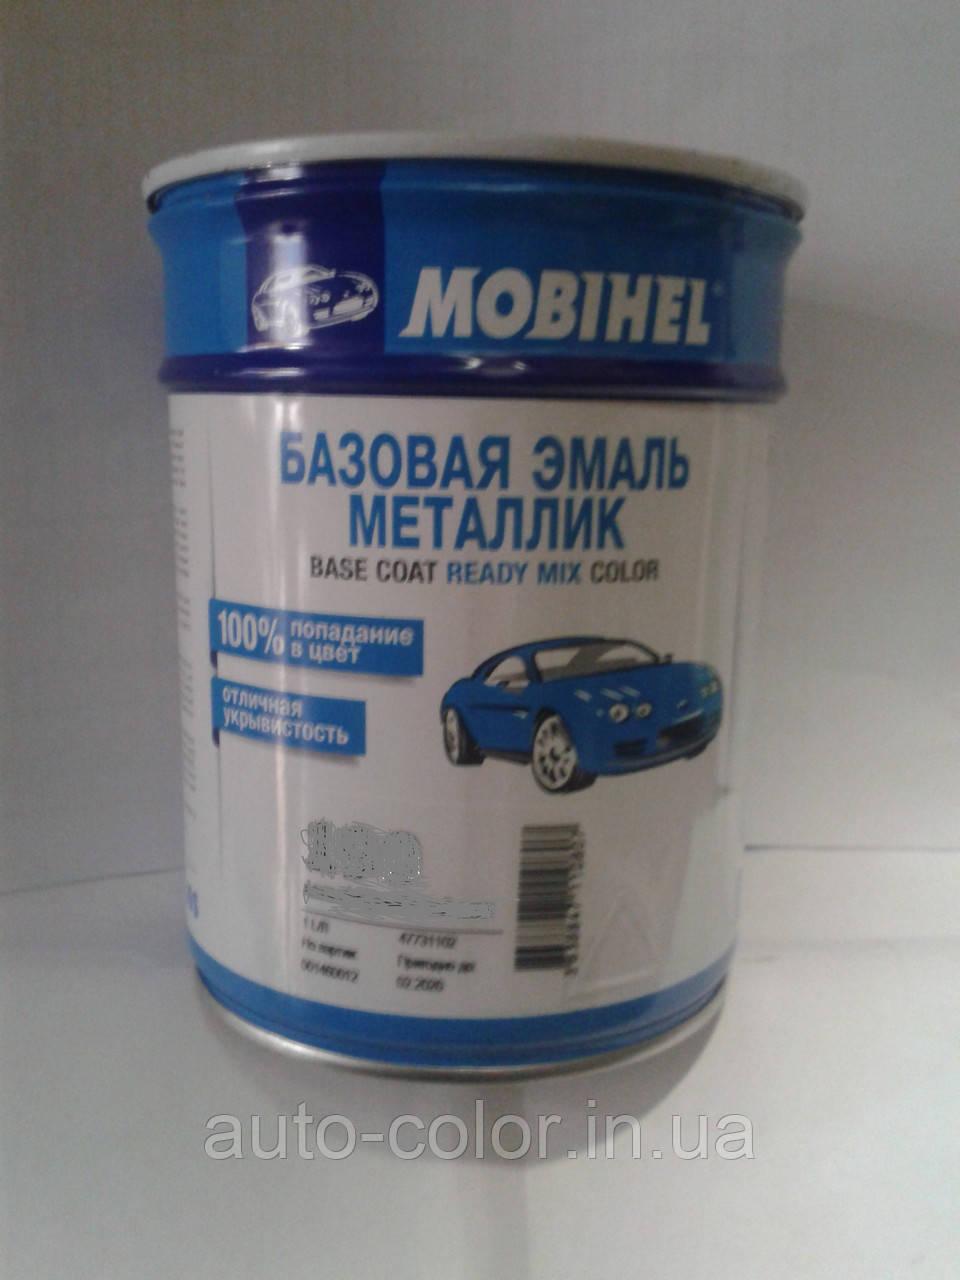 Автоемаль базова металік Mobihel 92L Daewoo 1л